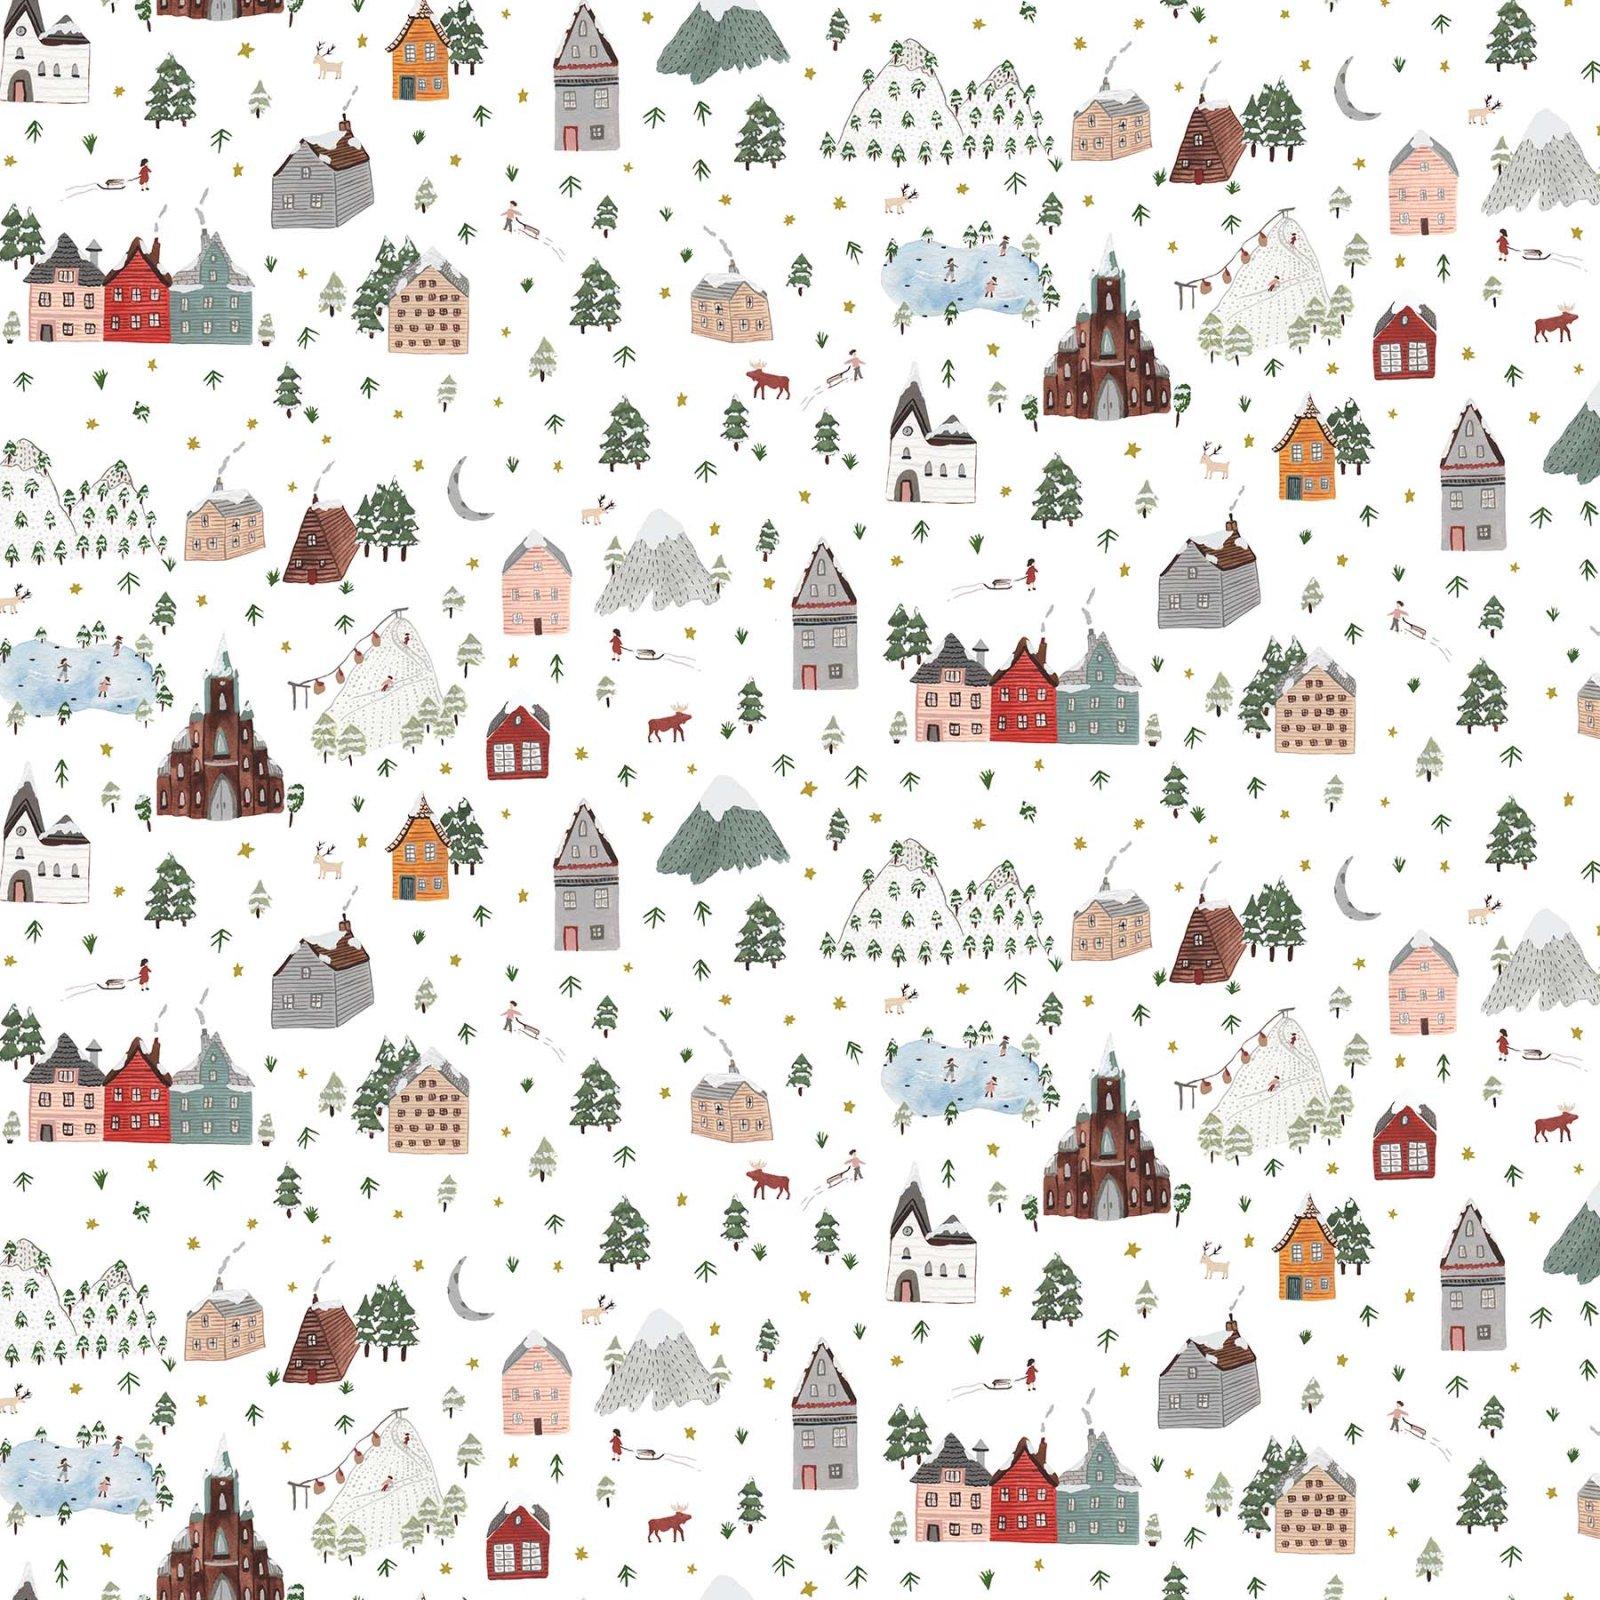 Winter Frost by Boccaccini Meadows for Figo Fabrics - Winter Landscape - White Multi